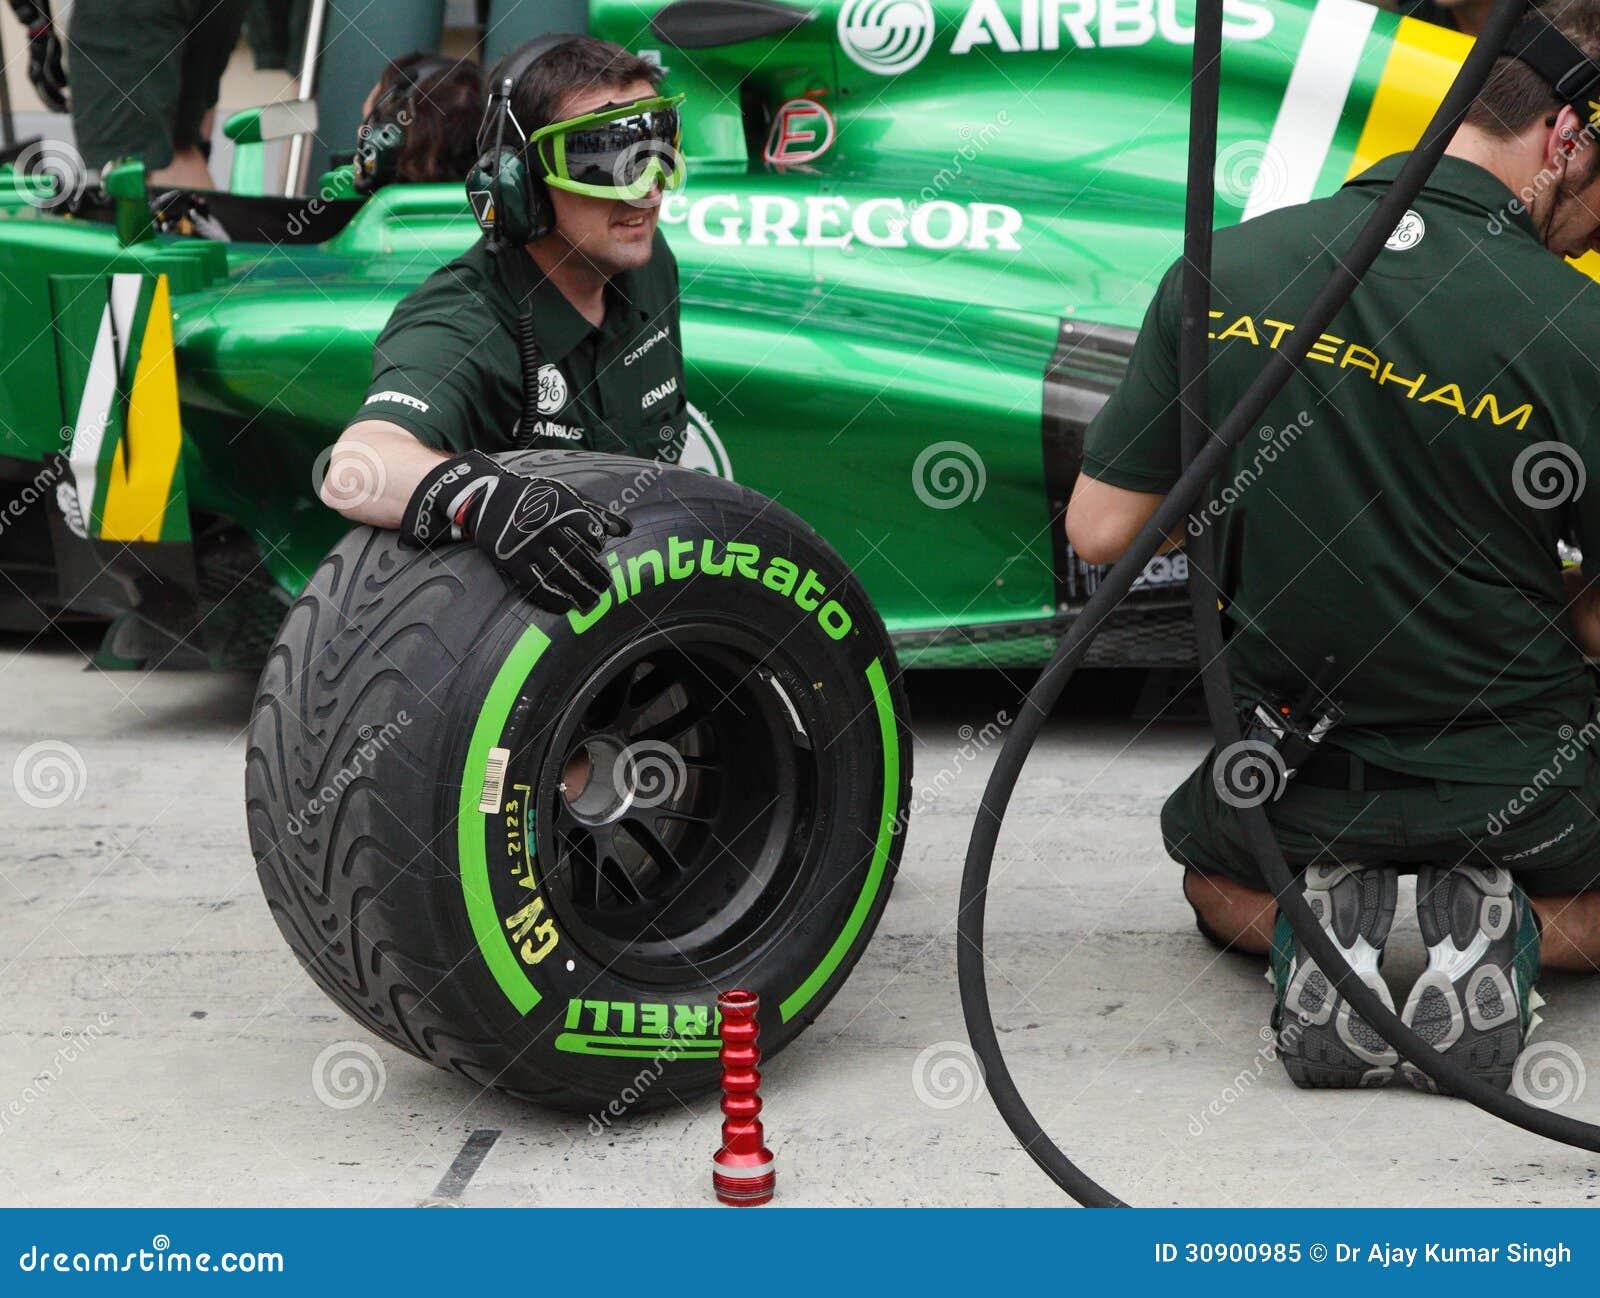 Caterham renault faisant la pratique des pneus changeants for Garage formule m